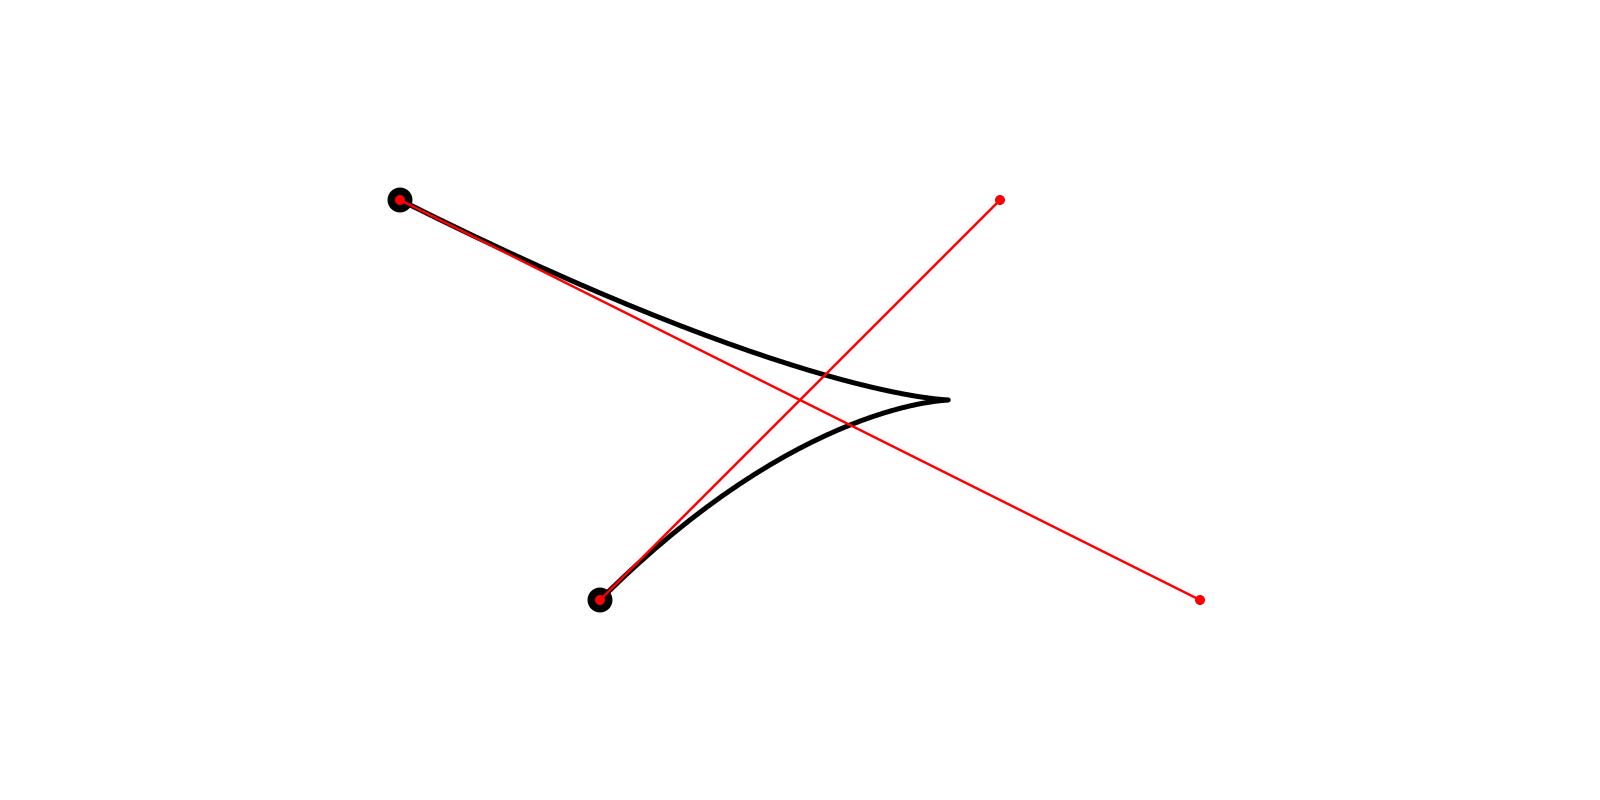 Адаптивное разбиение кривых Безье 2-го и 3-го порядка - 3